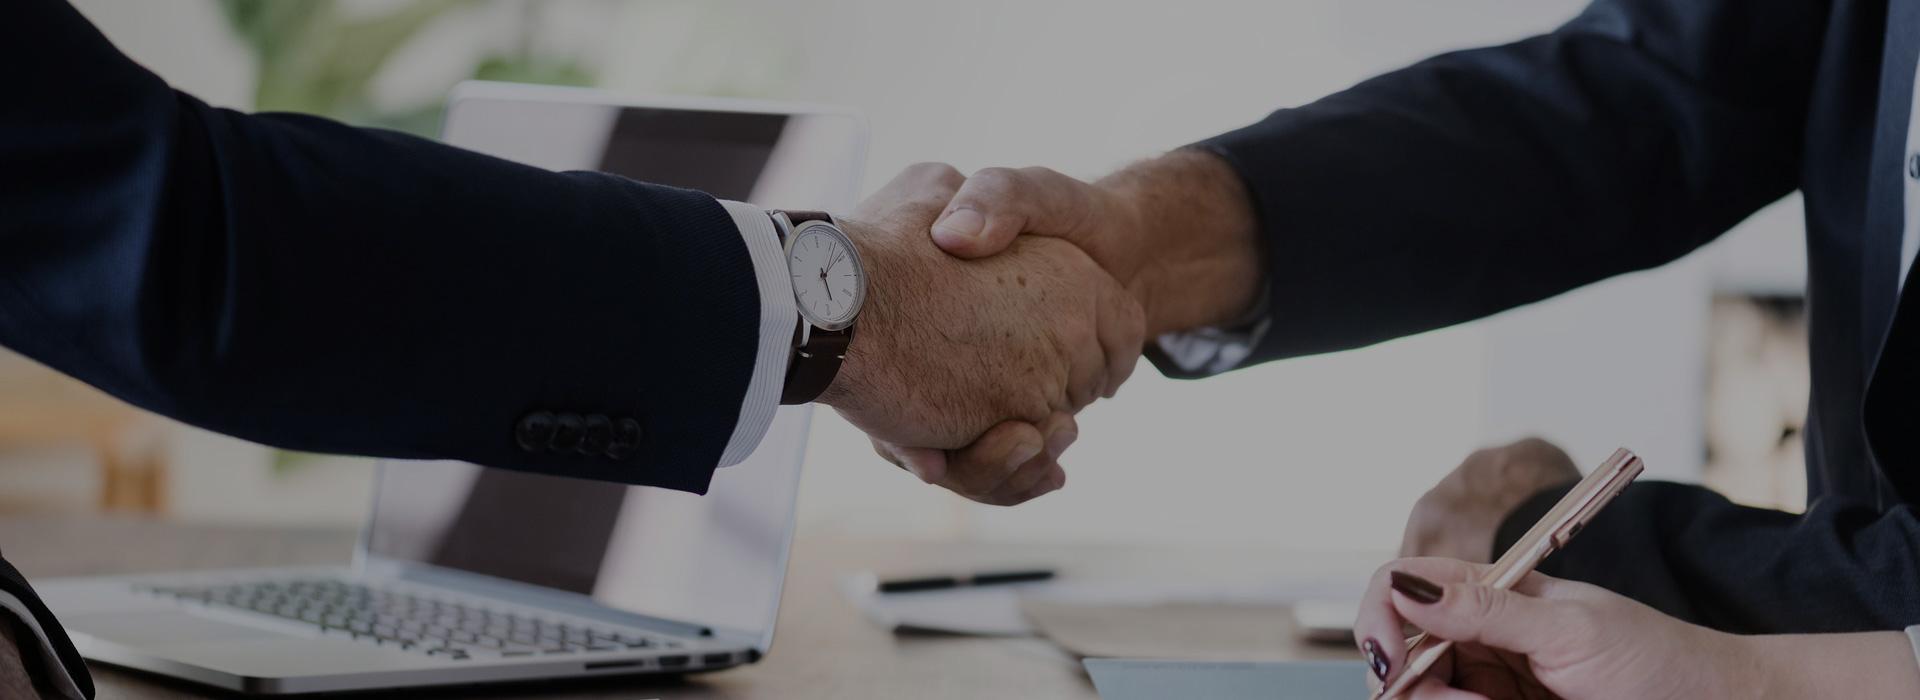 Esperienza completa nei servizi amministrativi, finanziari e contabili